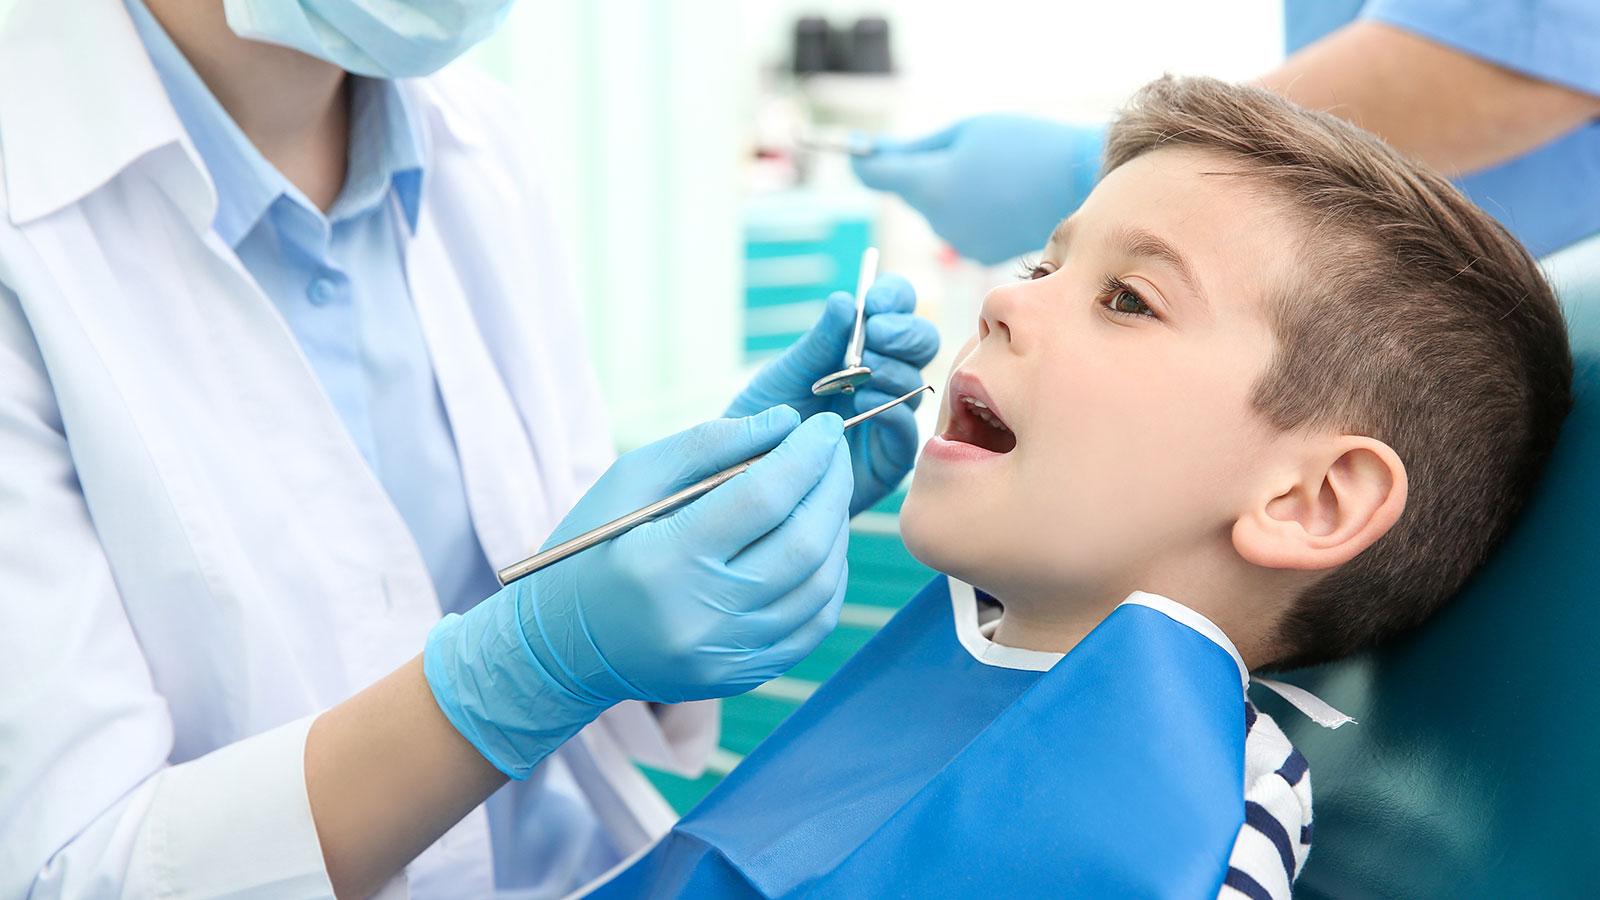 niño-atendido-por-el-dentista